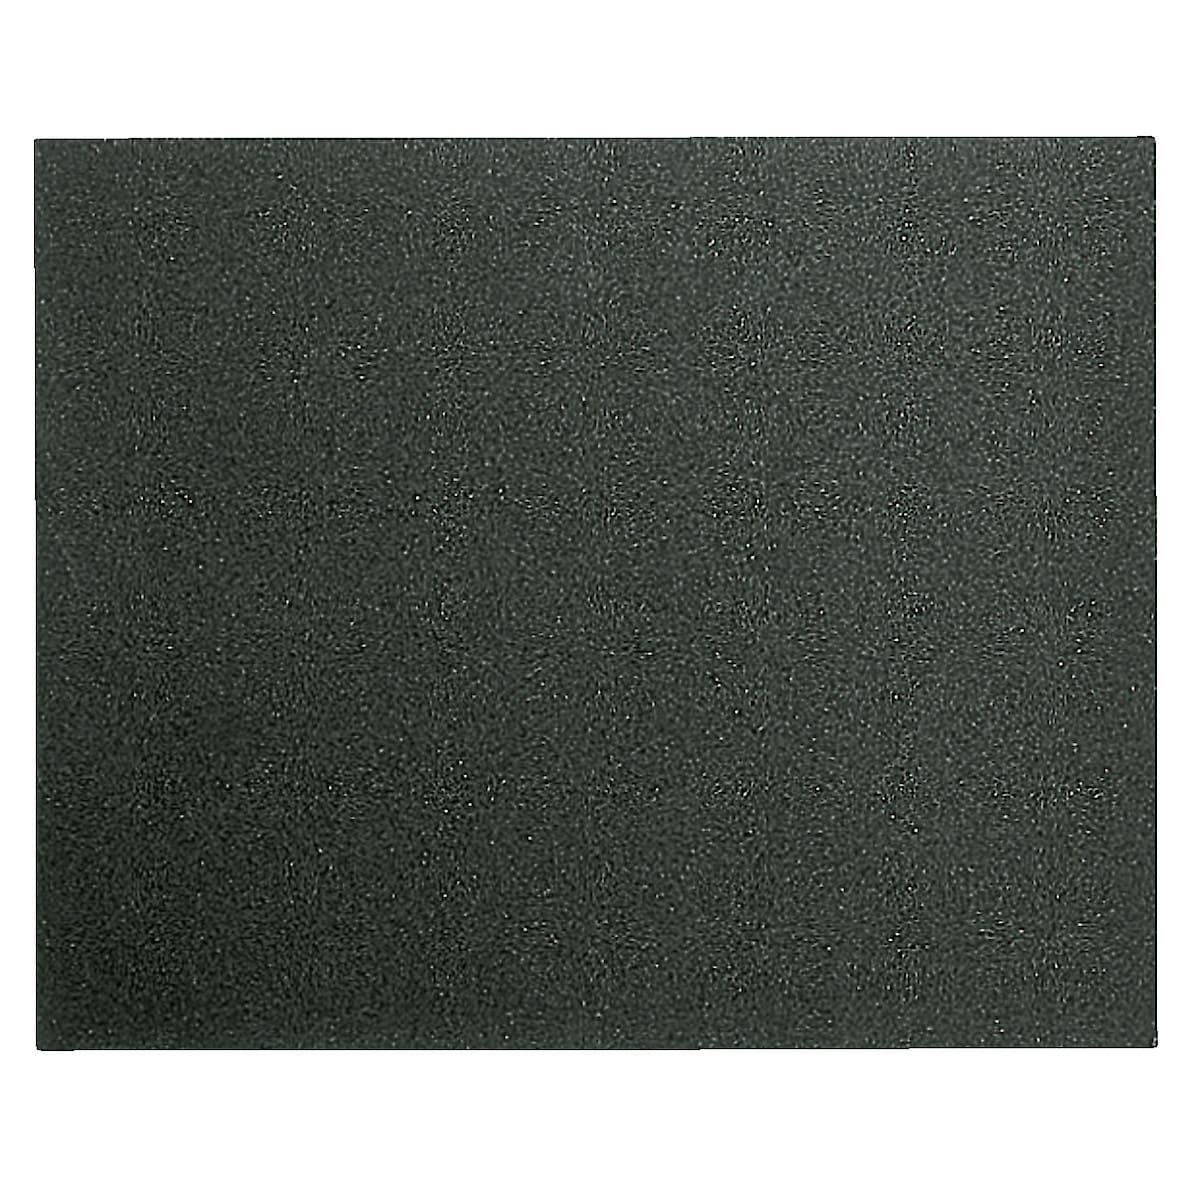 Bosch 230x280 mm Sanding Sheet